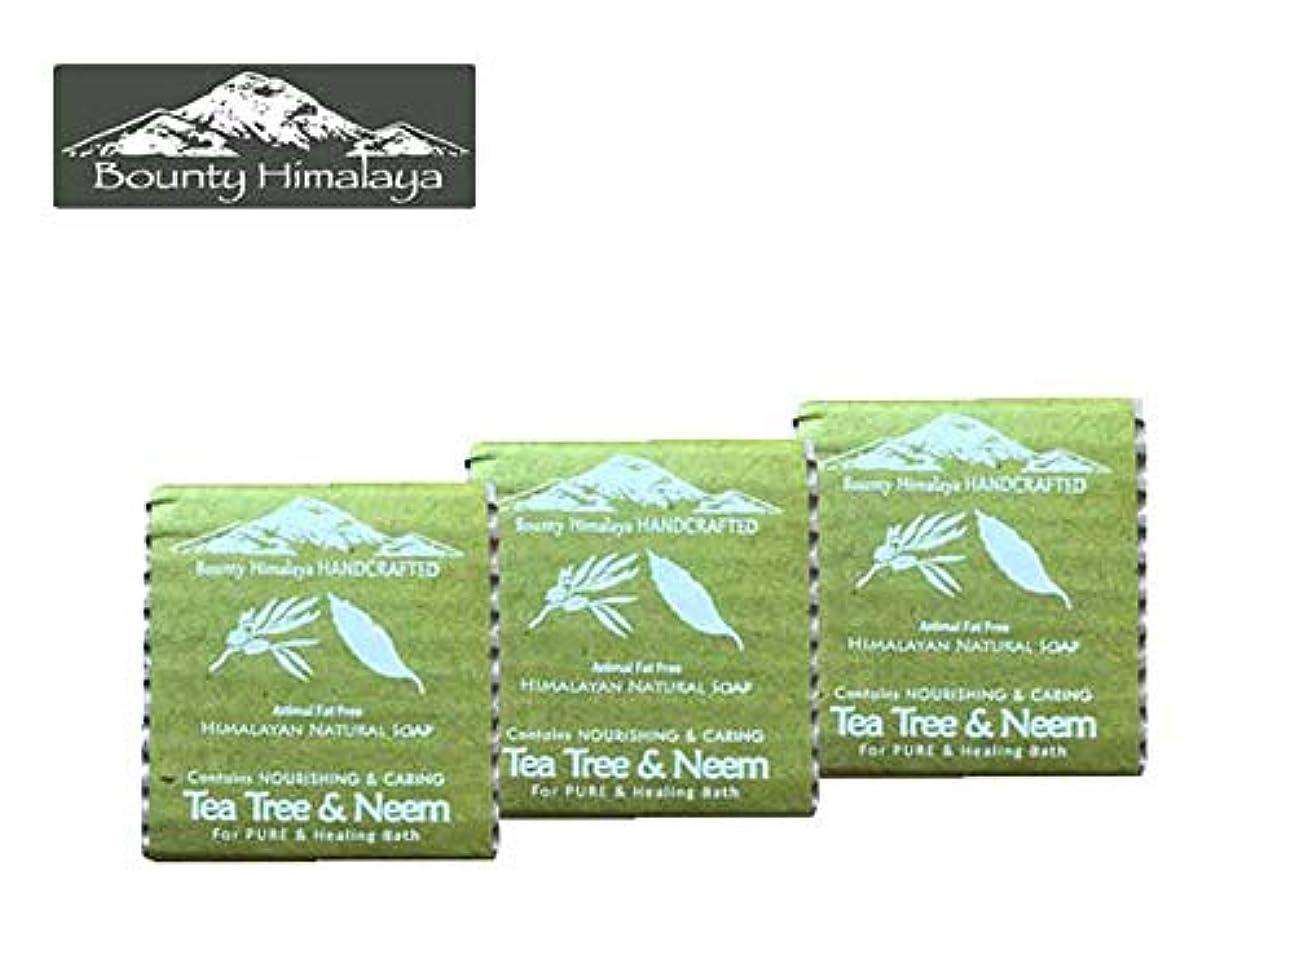 追加帽子興味アーユルヴェーダ ヒマラヤ ティーツリー?ニーム ソープ3セット Bounty Himalaya Tea Tree & Neem SOAP(NEPAL AYURVEDA) 100g